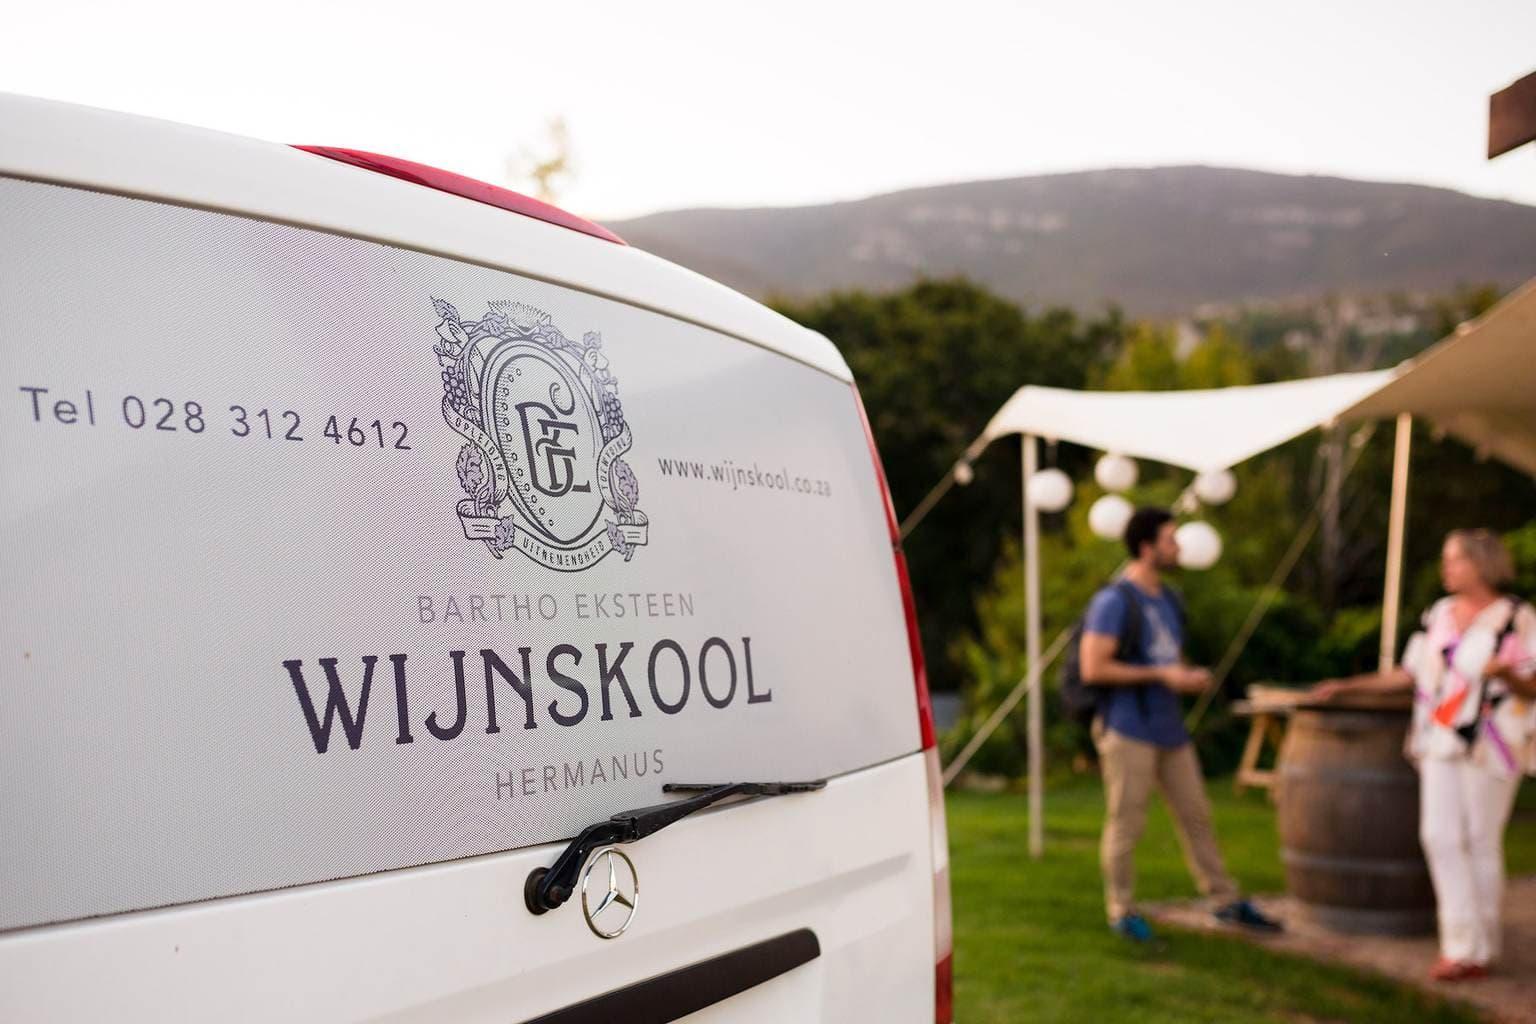 Wijnskool Car